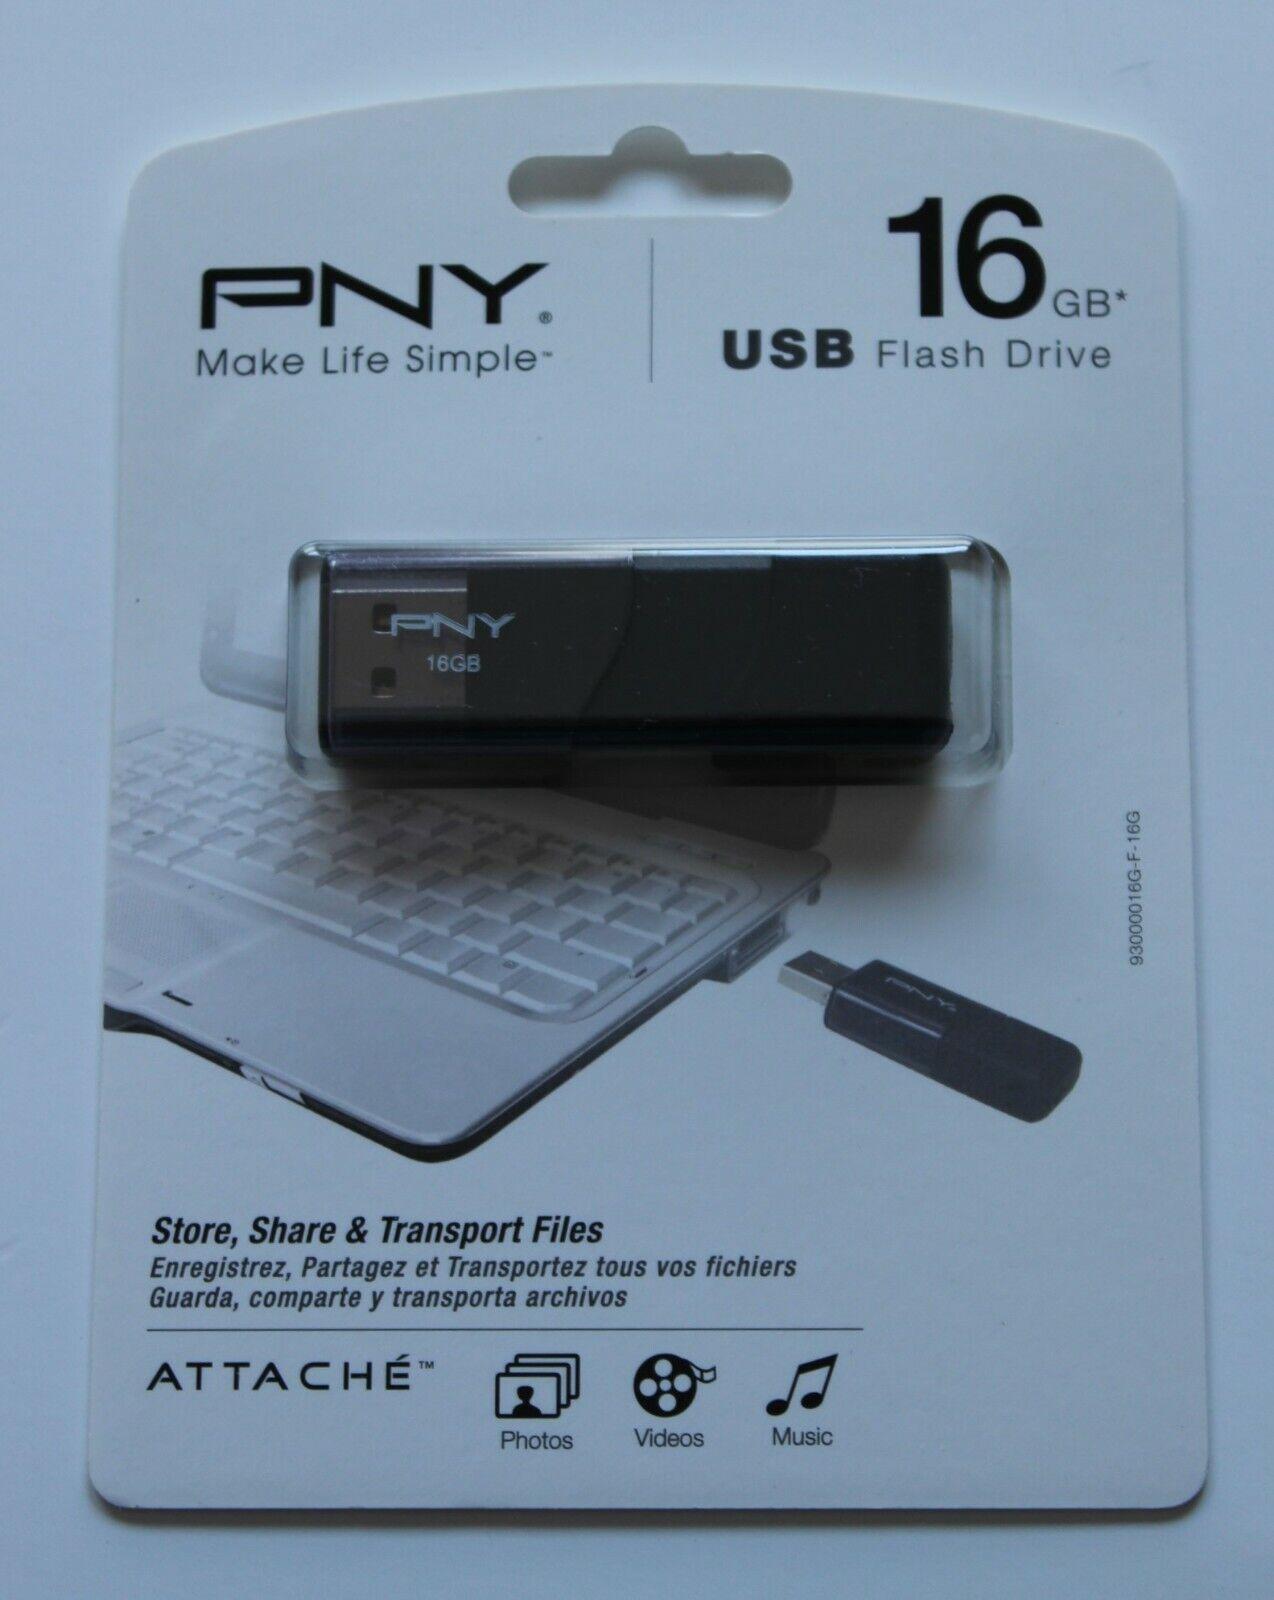 PNY Attaché 16GB USB Flash Drive Memory Thumb Stick Storage